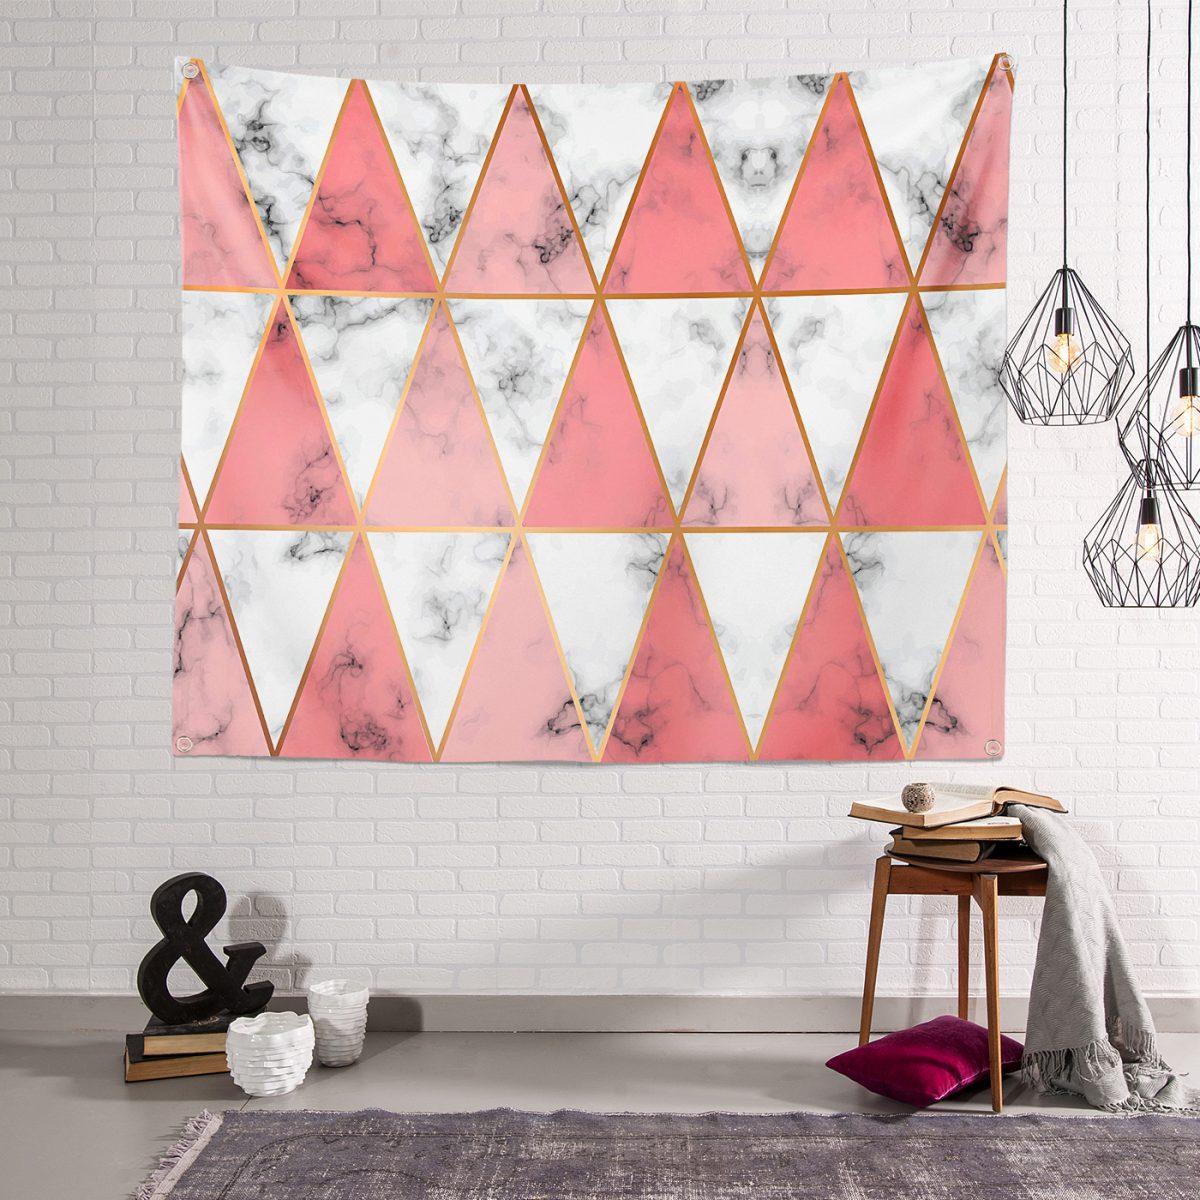 Geometrik Üçgen Şekilli Mermer Desenli Fermuarlı Kumaş Çanta Tapestry Duvar Örtüsü Realhomes